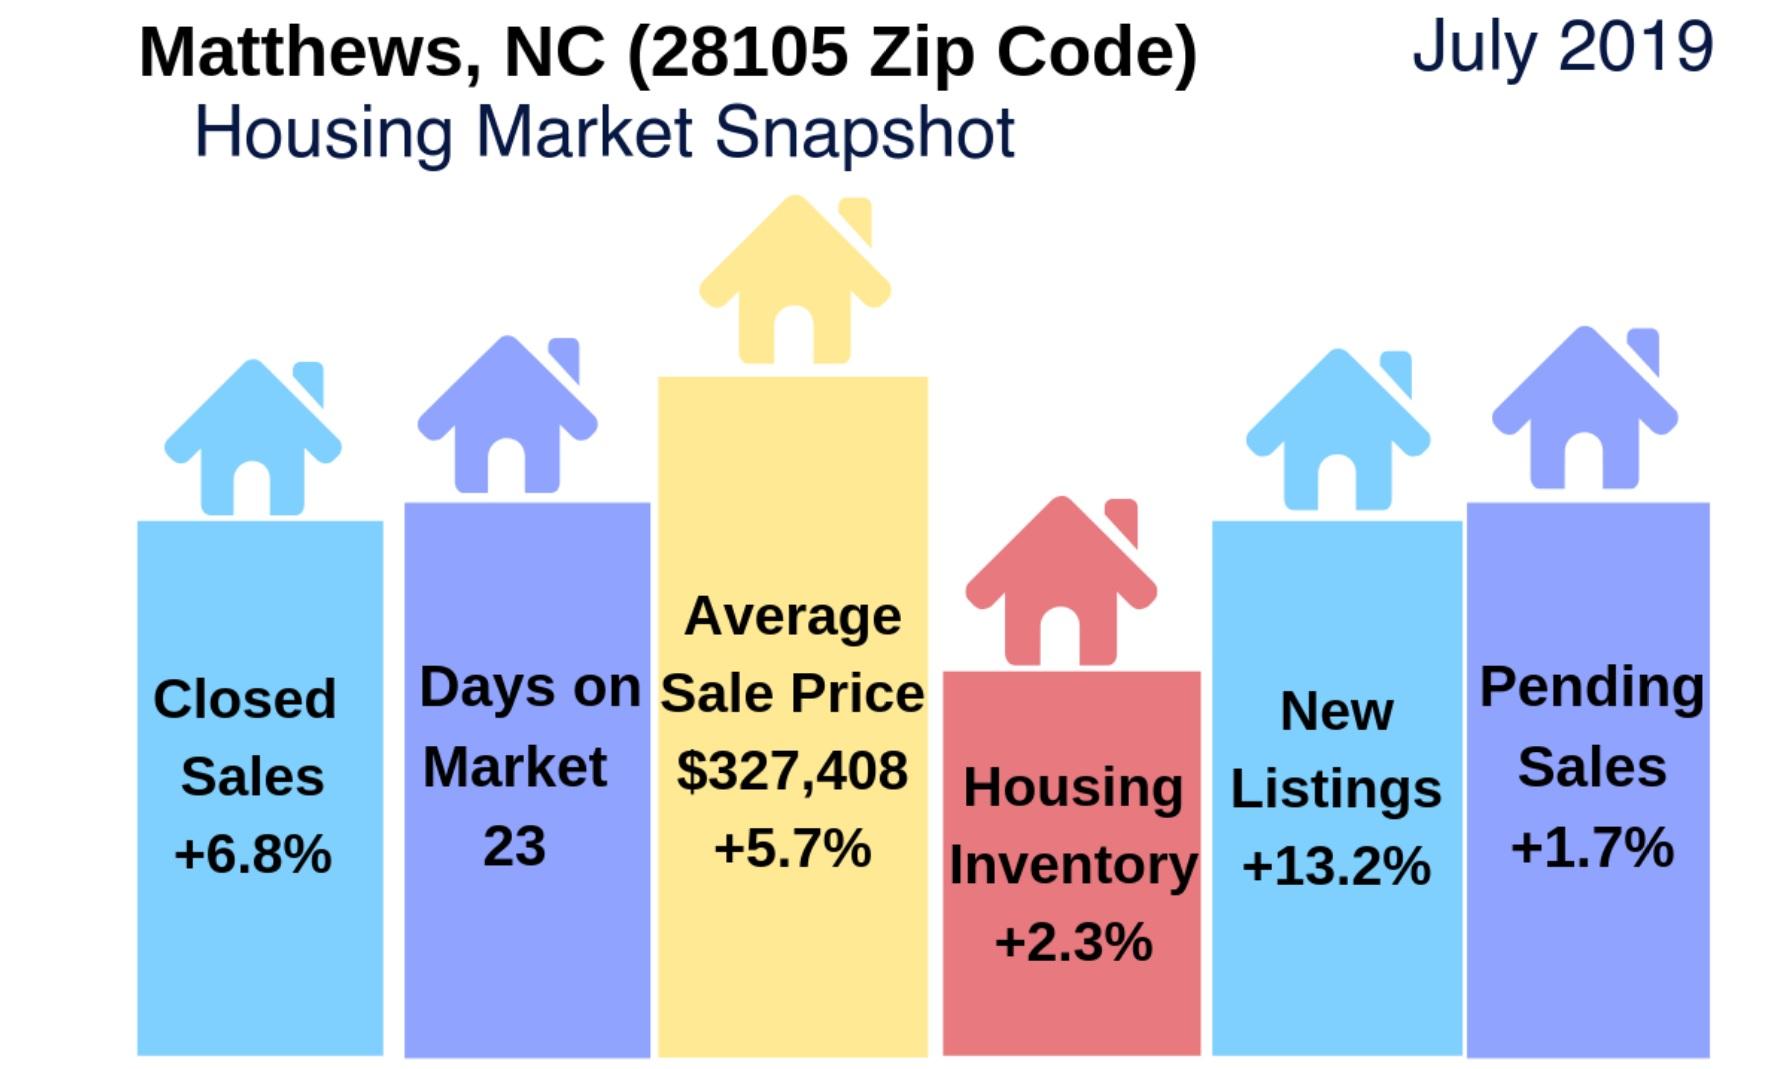 Matthews, NC (28105 Zip Code) Real Estate Report: July 2019